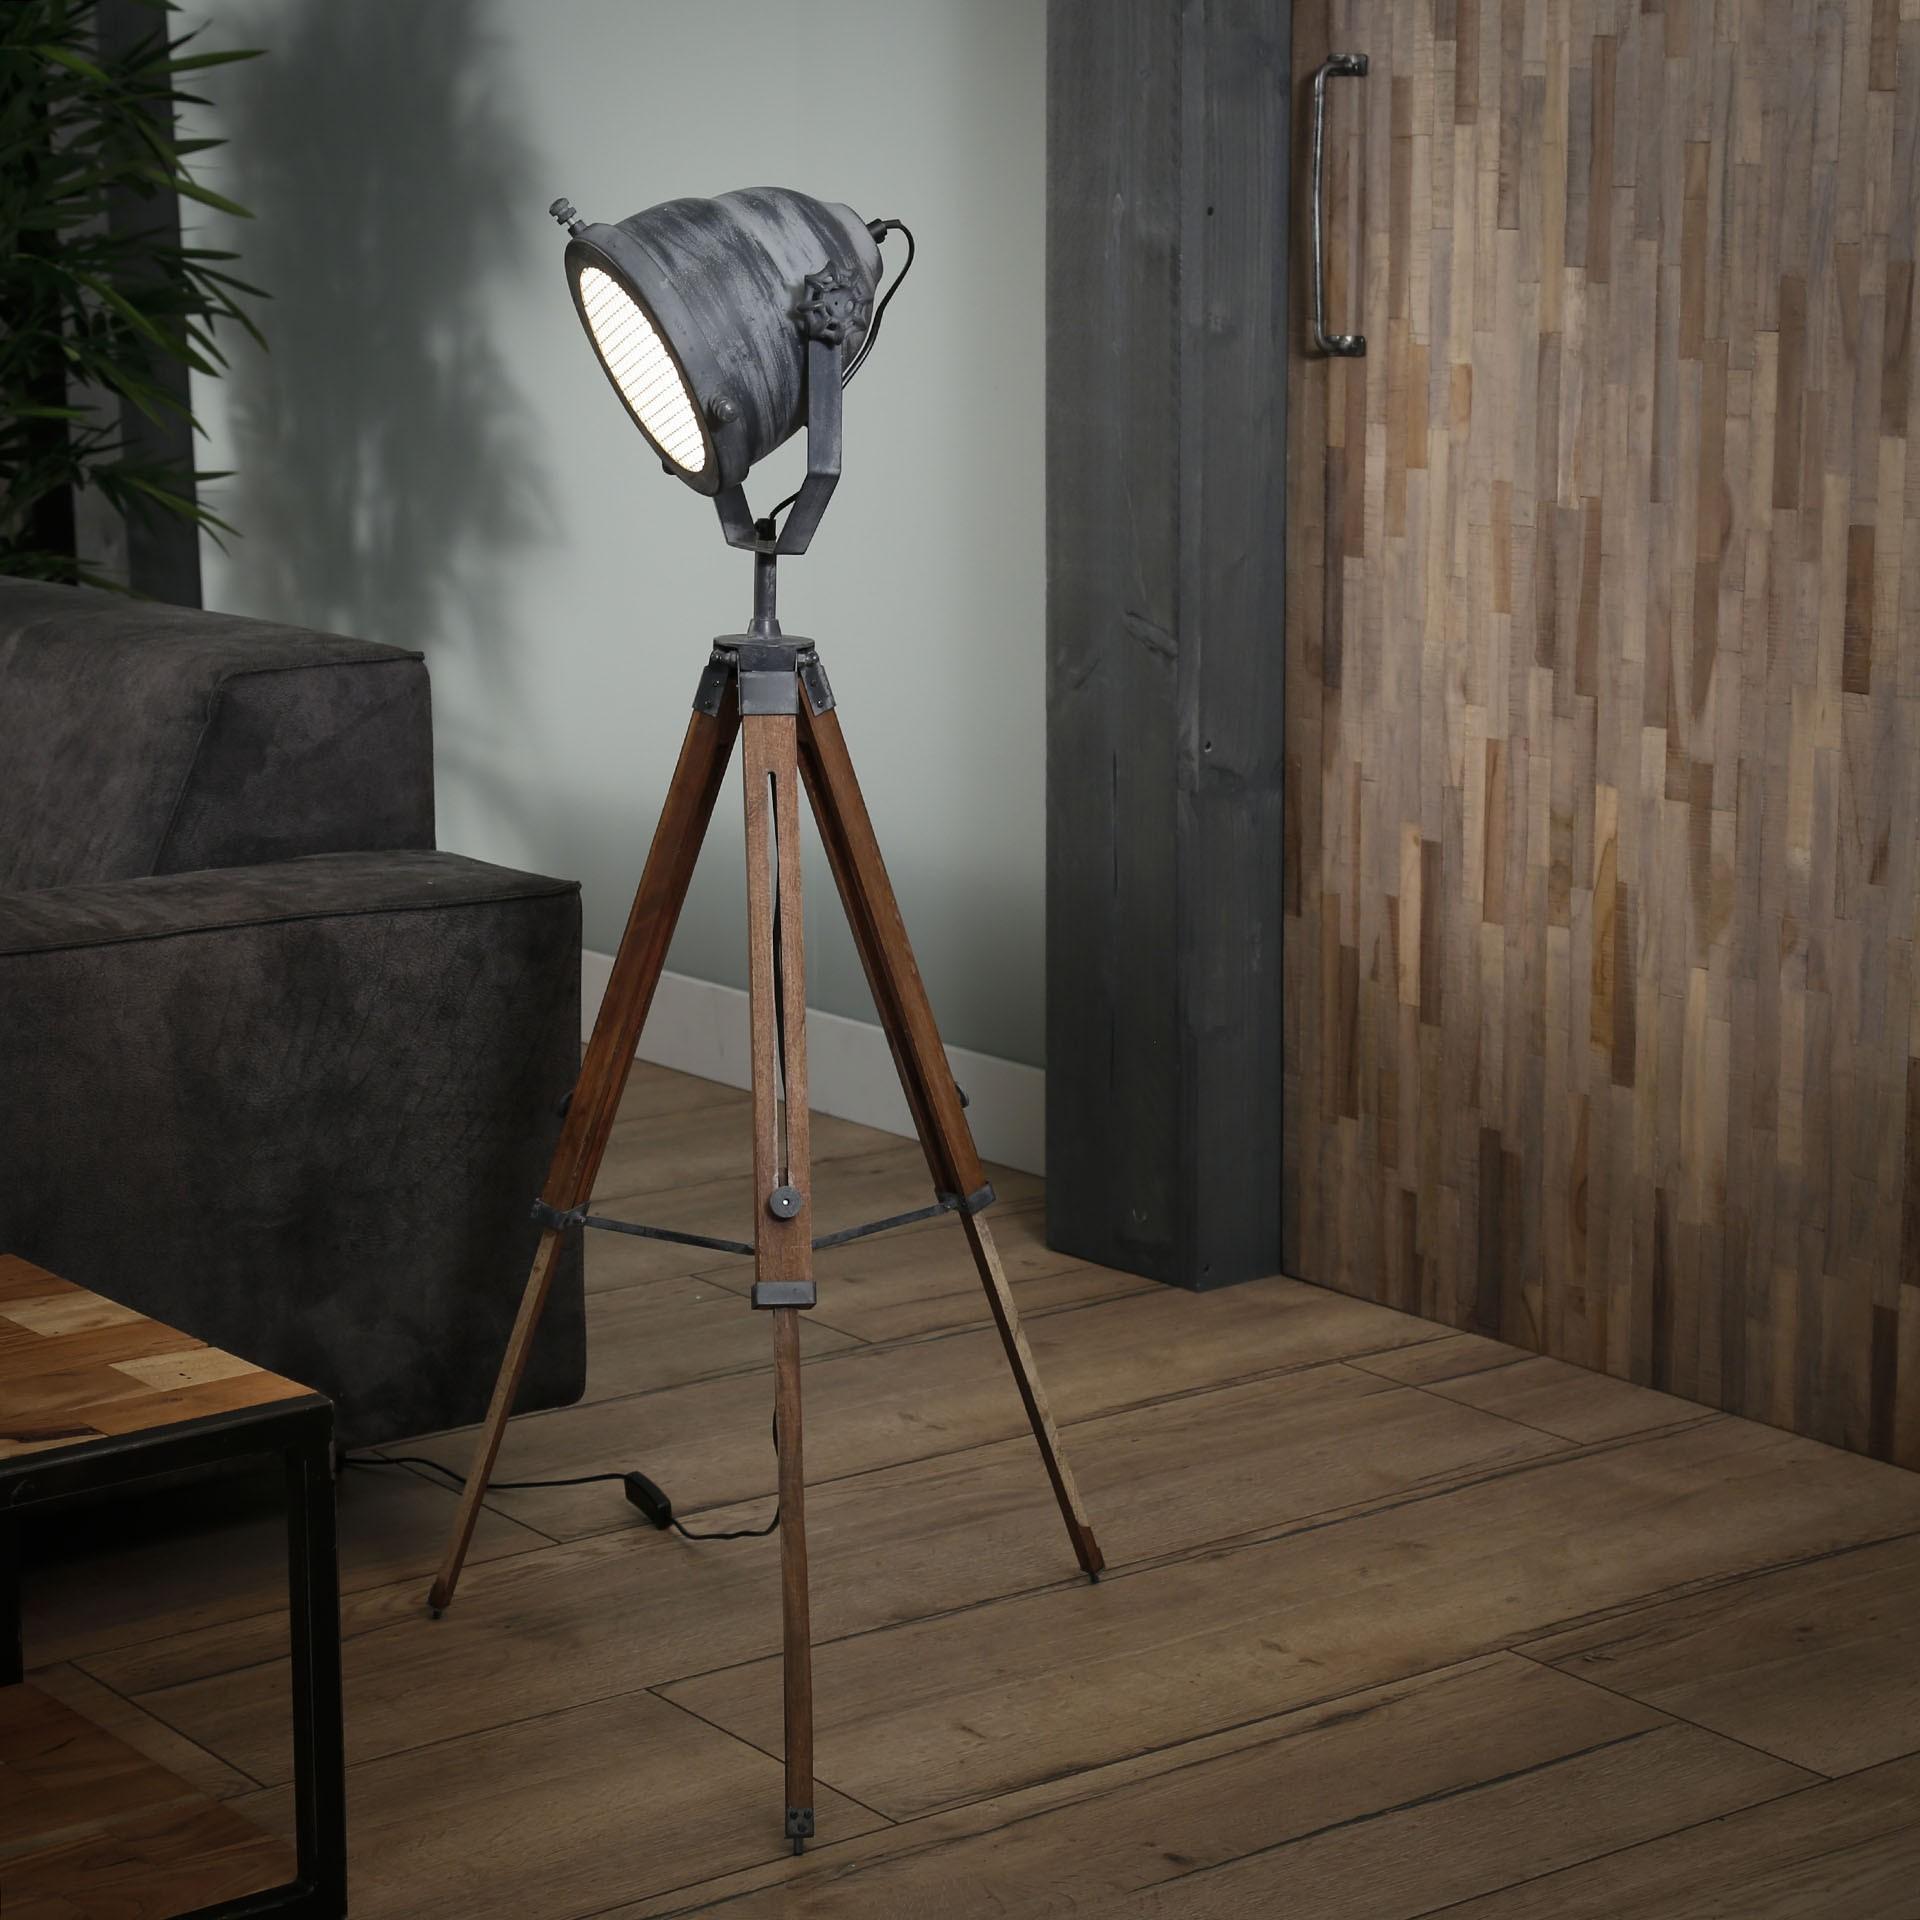 Vloerlamp iron houten statief - Grijs